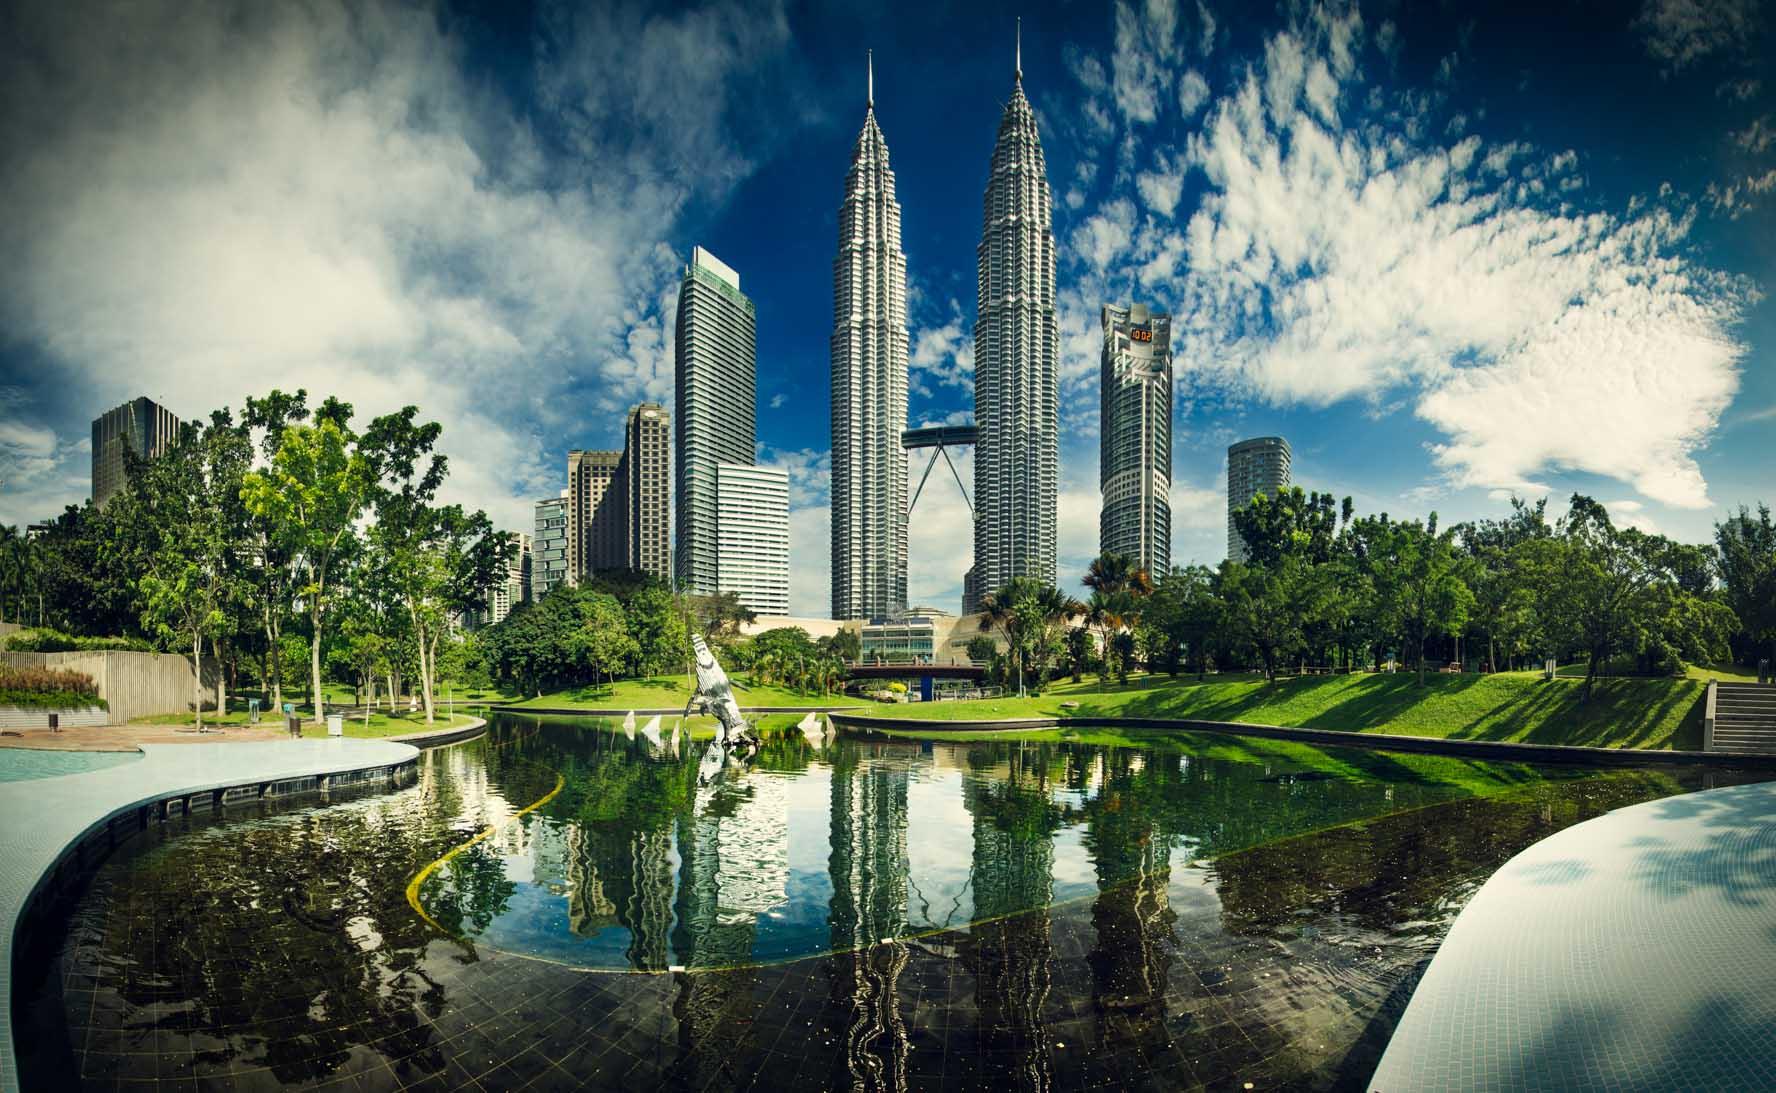 Mencari cinta di Kuala Lumpur